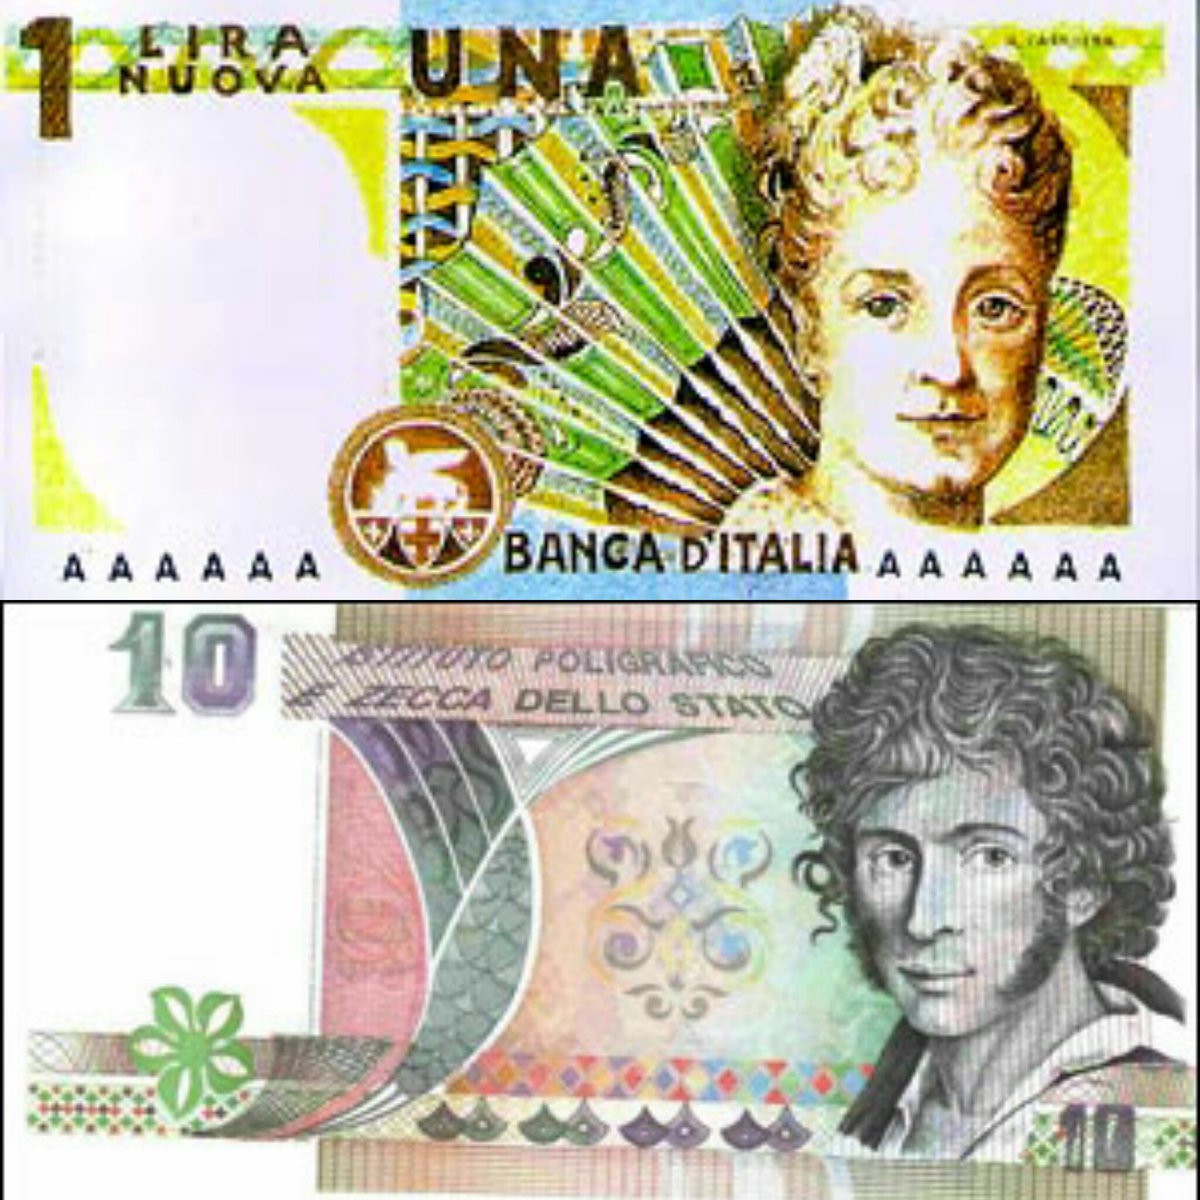 Saresti #Favorevole o #Contrario alla #Nuova #Lira #Italiana? Ci sarebbero più pro o piu contro sia a breve che a lungo termine?#Salvini #Brexit #bitcoin #Bruxelles #condono #DiMaio #Italy #MissItalia #M5S #Macron #Merkel #NEWS #Orban #quiz #Renzi #TuttiaScuola #Trump #vaccini  - Ukustom